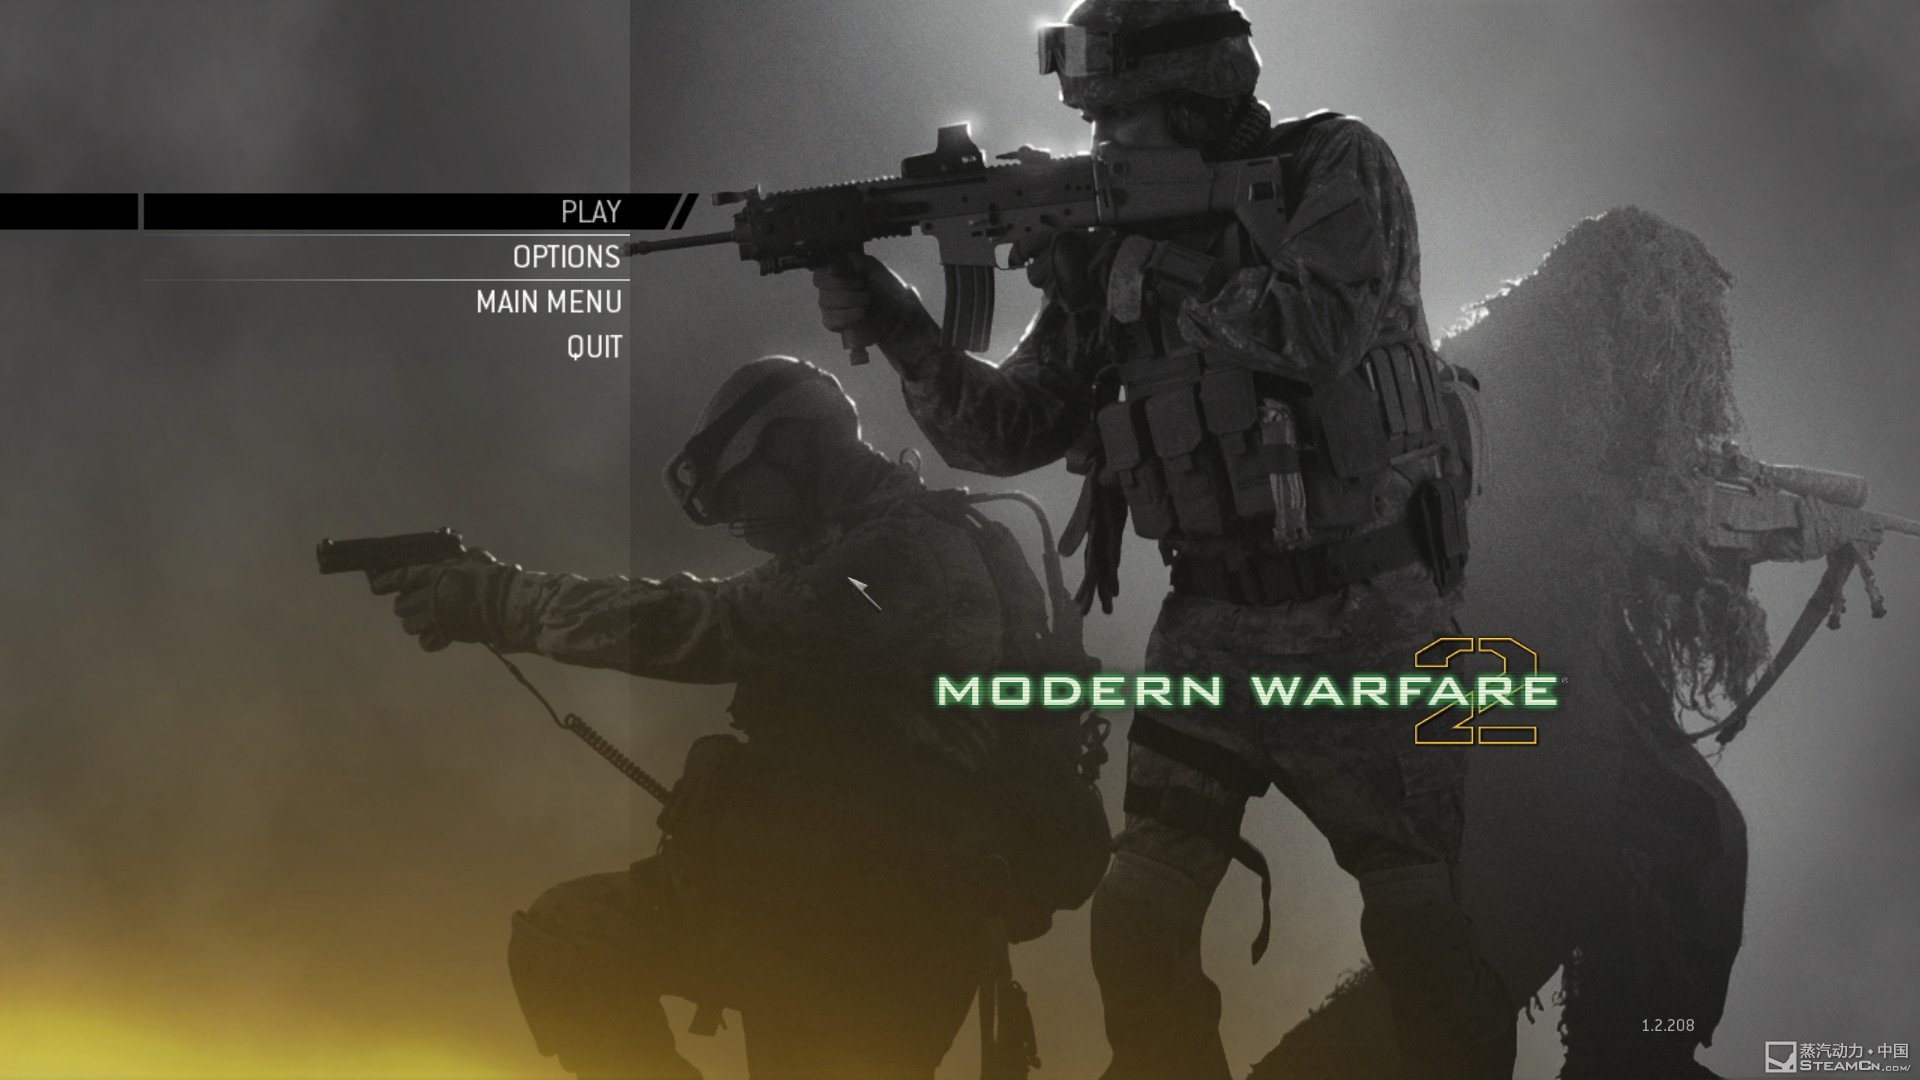 使命召唤6现代战争2攻略 剧情 汉化补丁 k73电玩之家